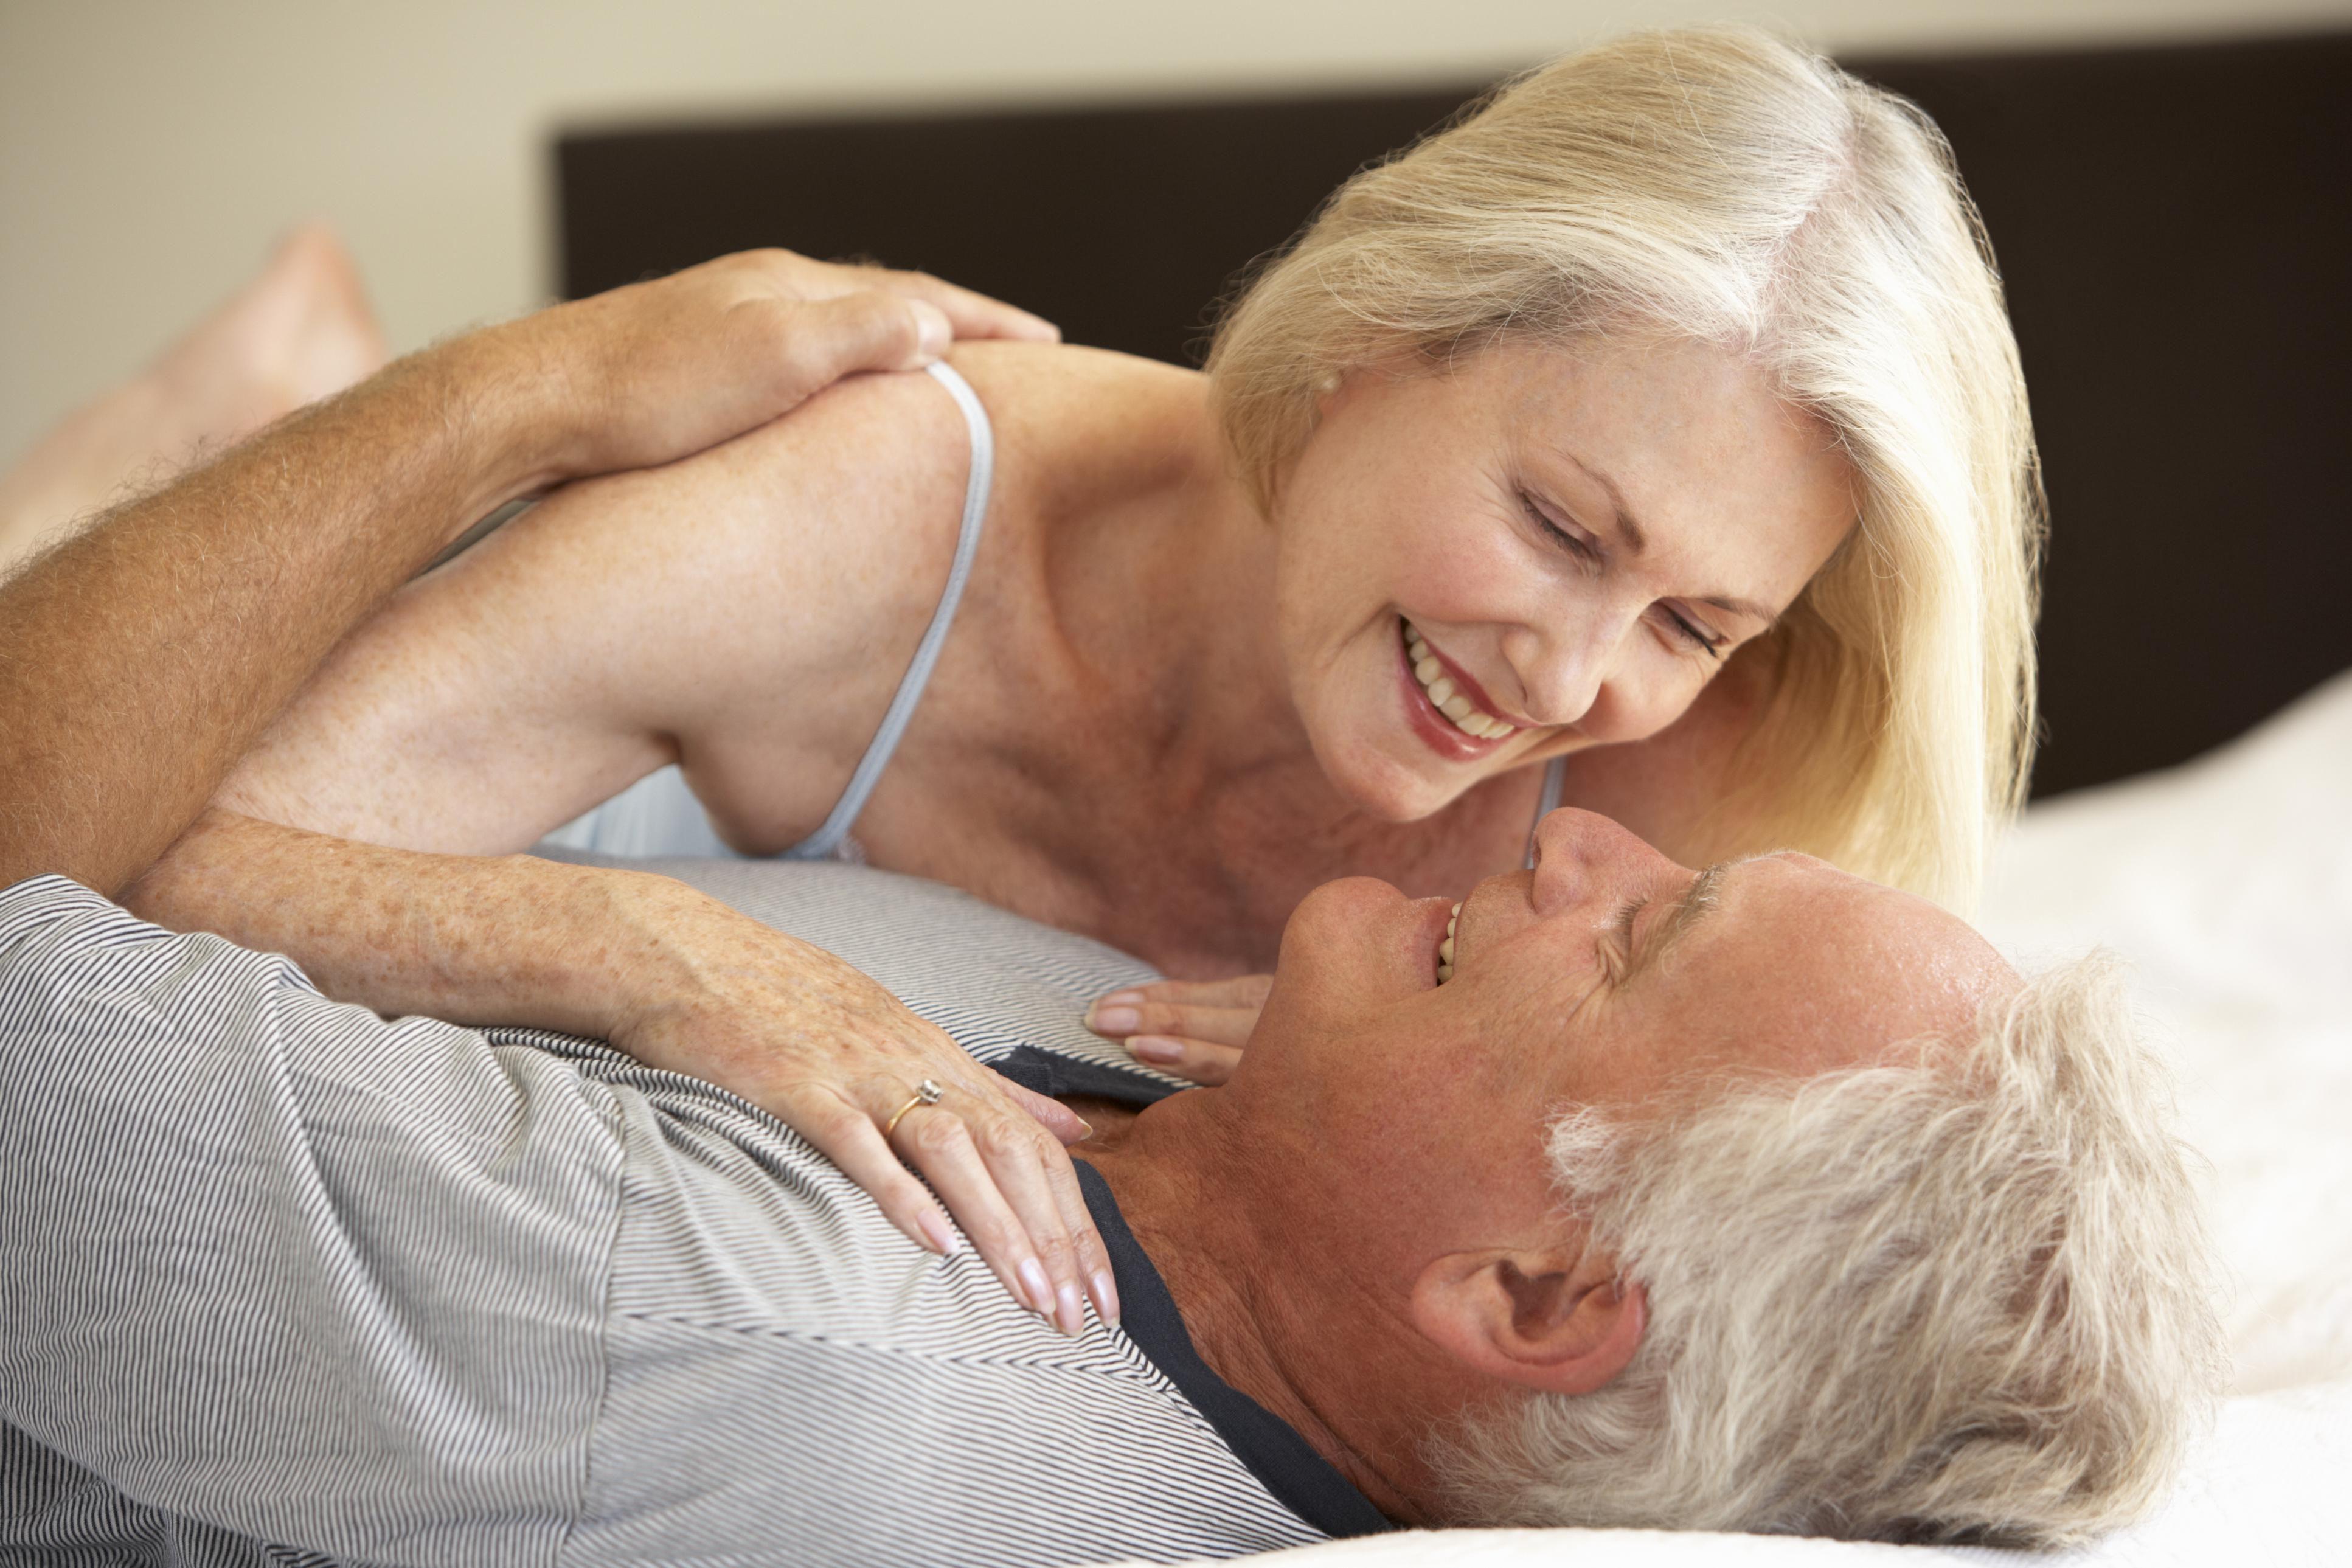 Sex in older people